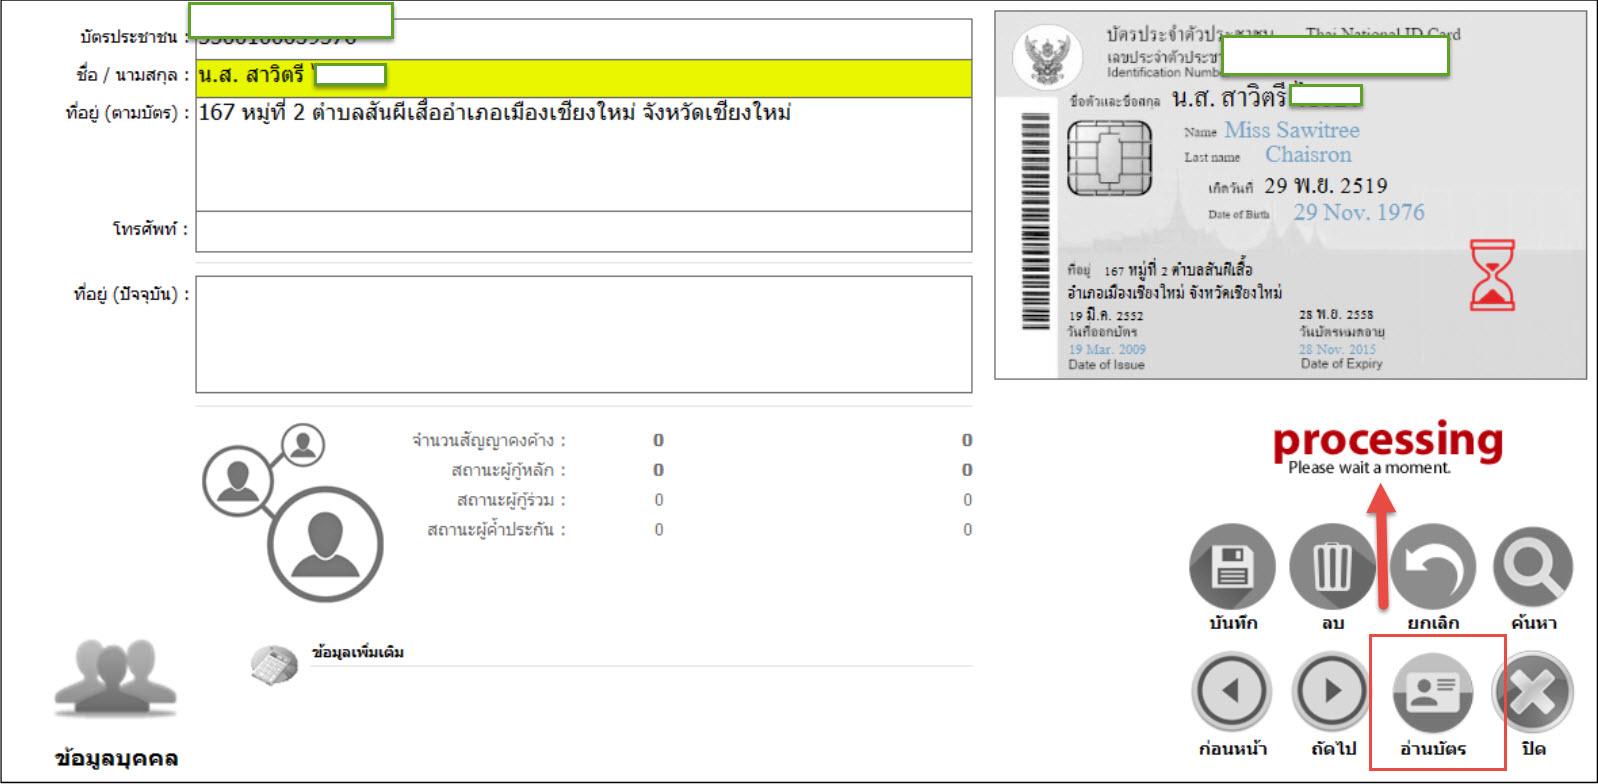 การอ่านข้อมูลจากบัตรประชาชนลูกค้า